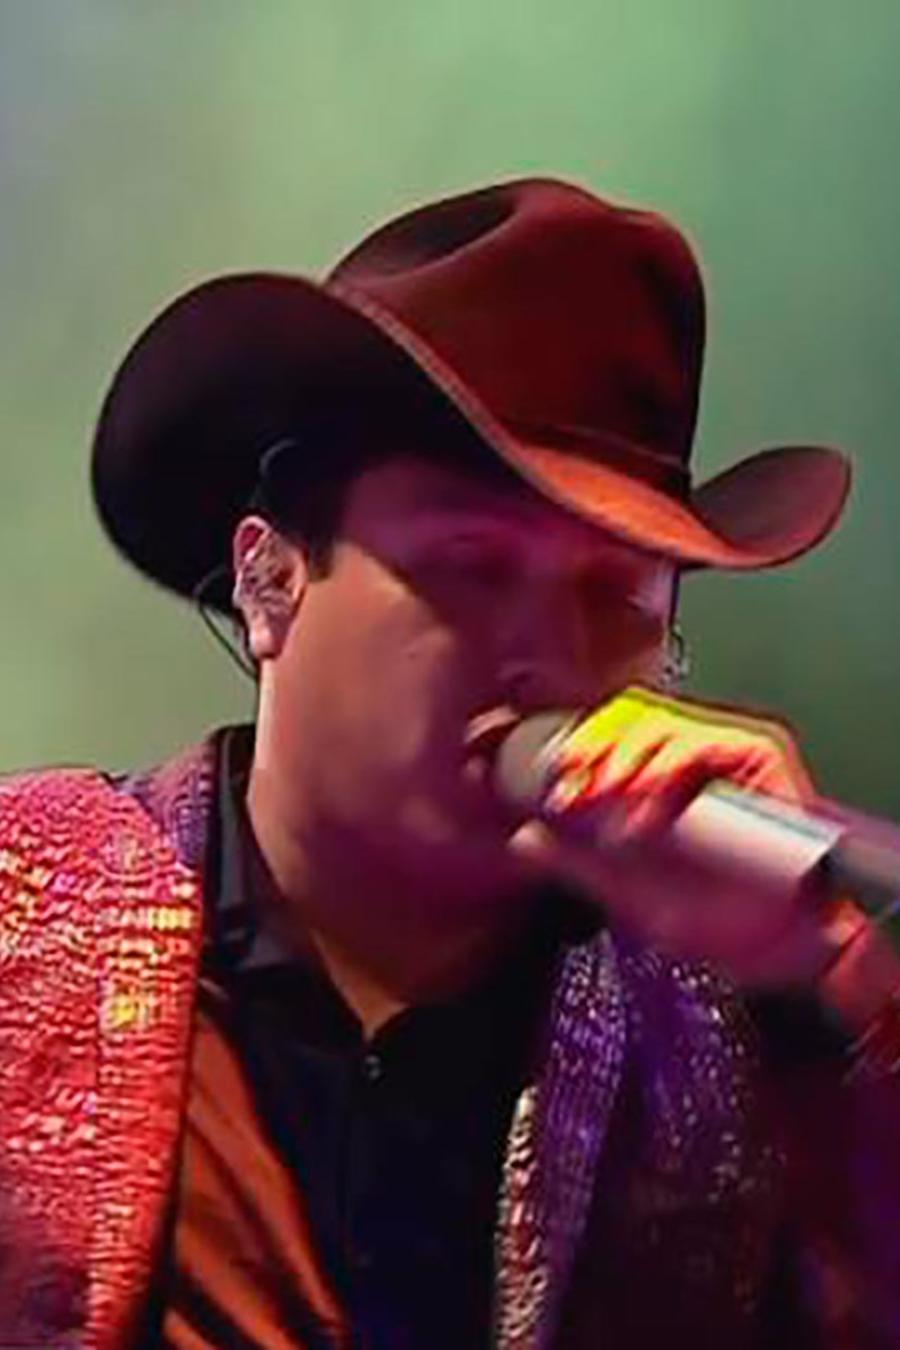 Las canciones de Julión Álvarez quedaron fuera de iTunes por sus nexos con el narcotráfico